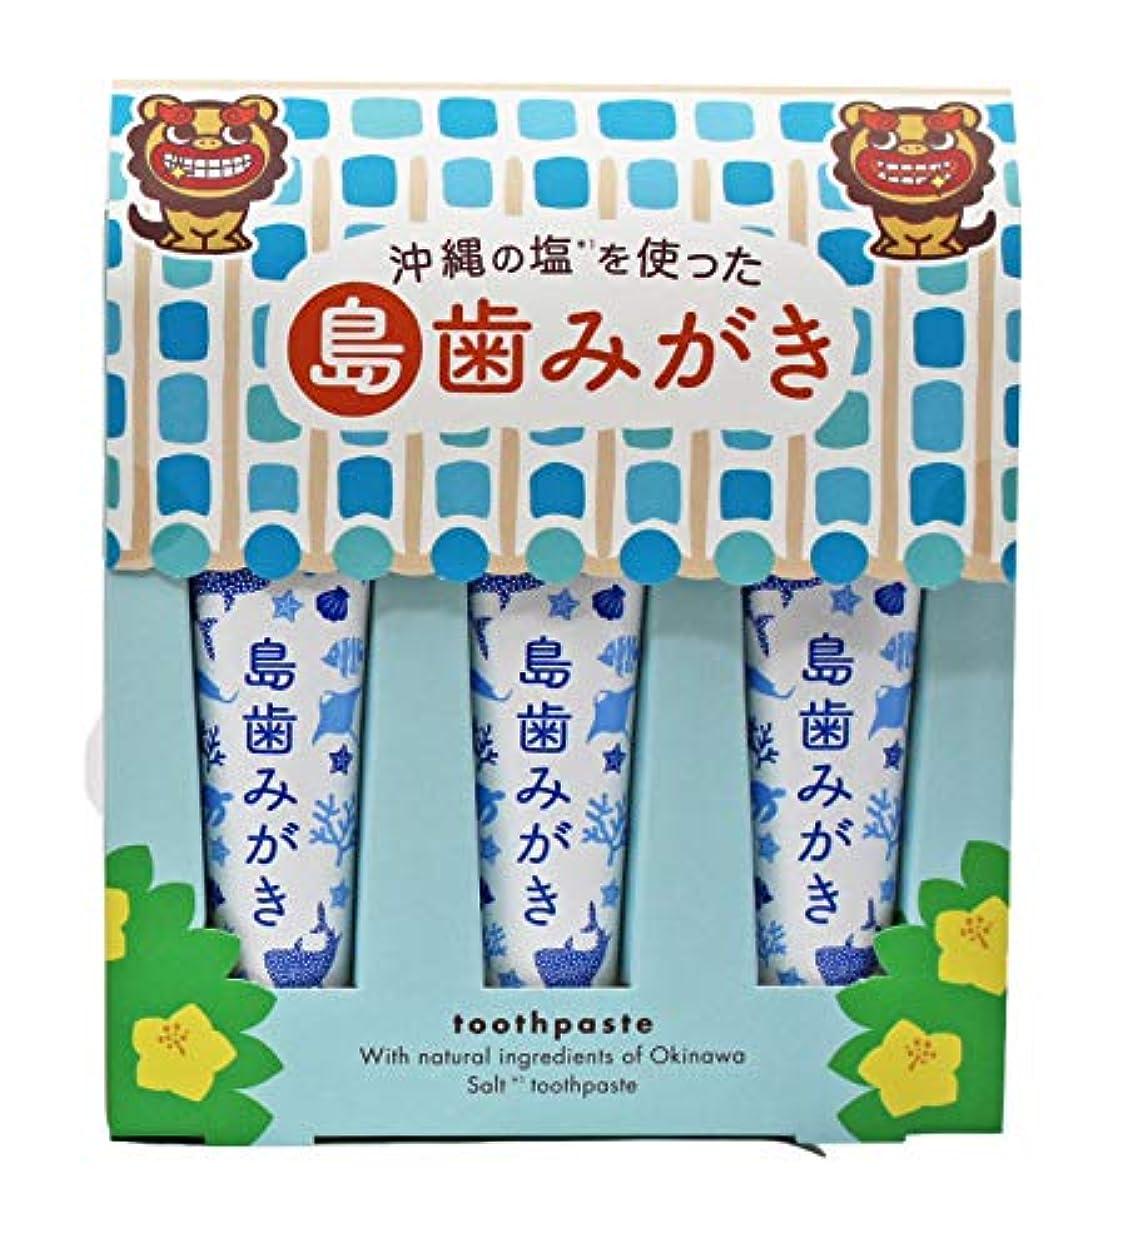 フェリー食堂はぁ沖縄の塩を使った島歯みがき (藍色) 15g×3本入り